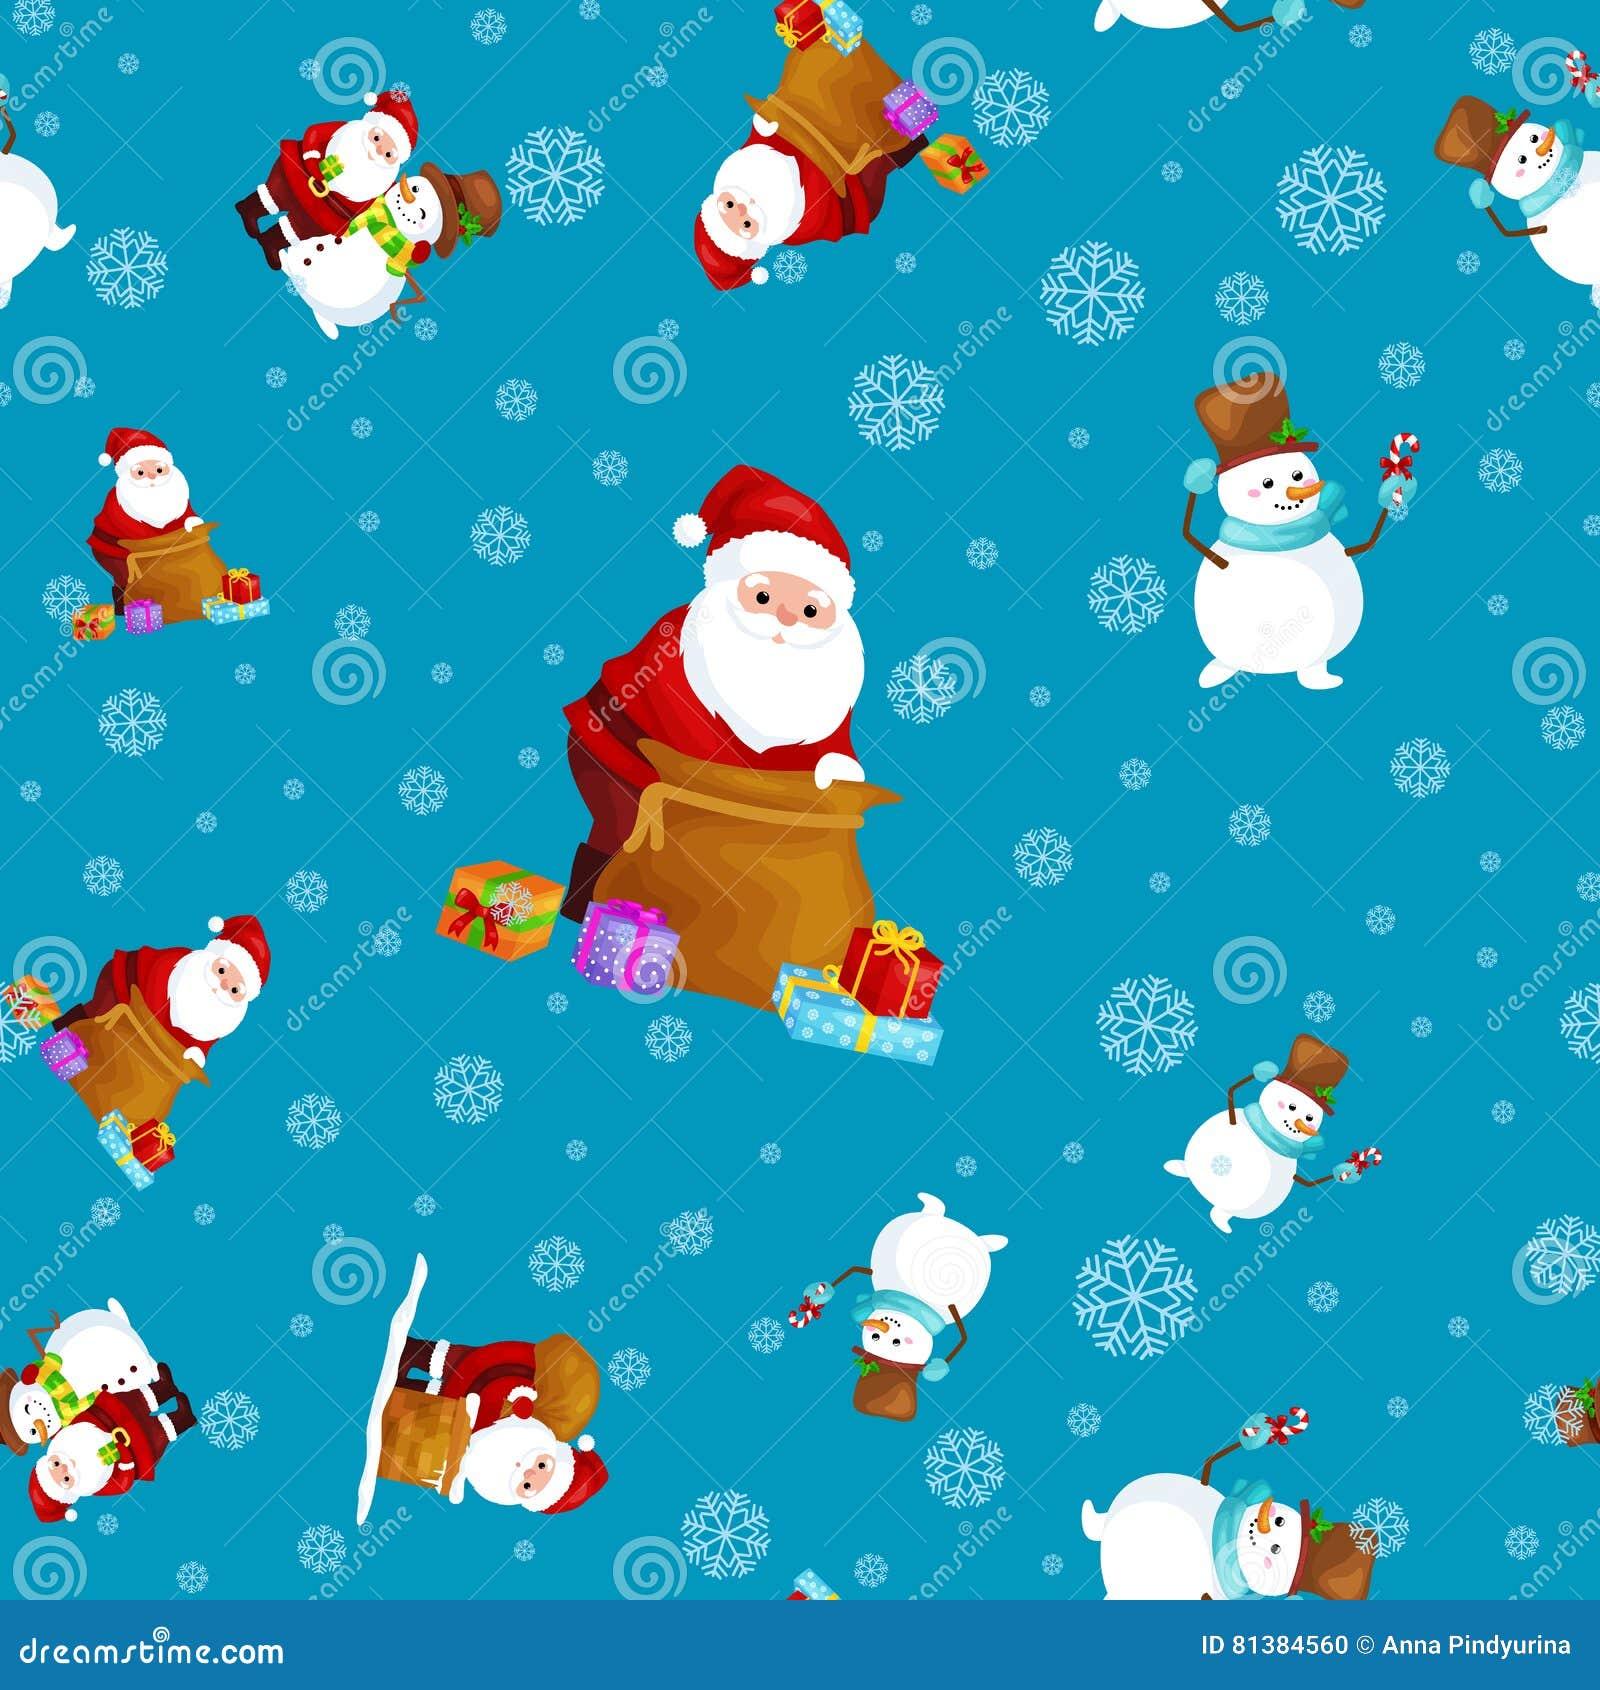 Frohe Weihnachten An Freunde.Frohe Weihnacht Und Guten Rutsch Ins Neue Jahr Freunde Santa Claus